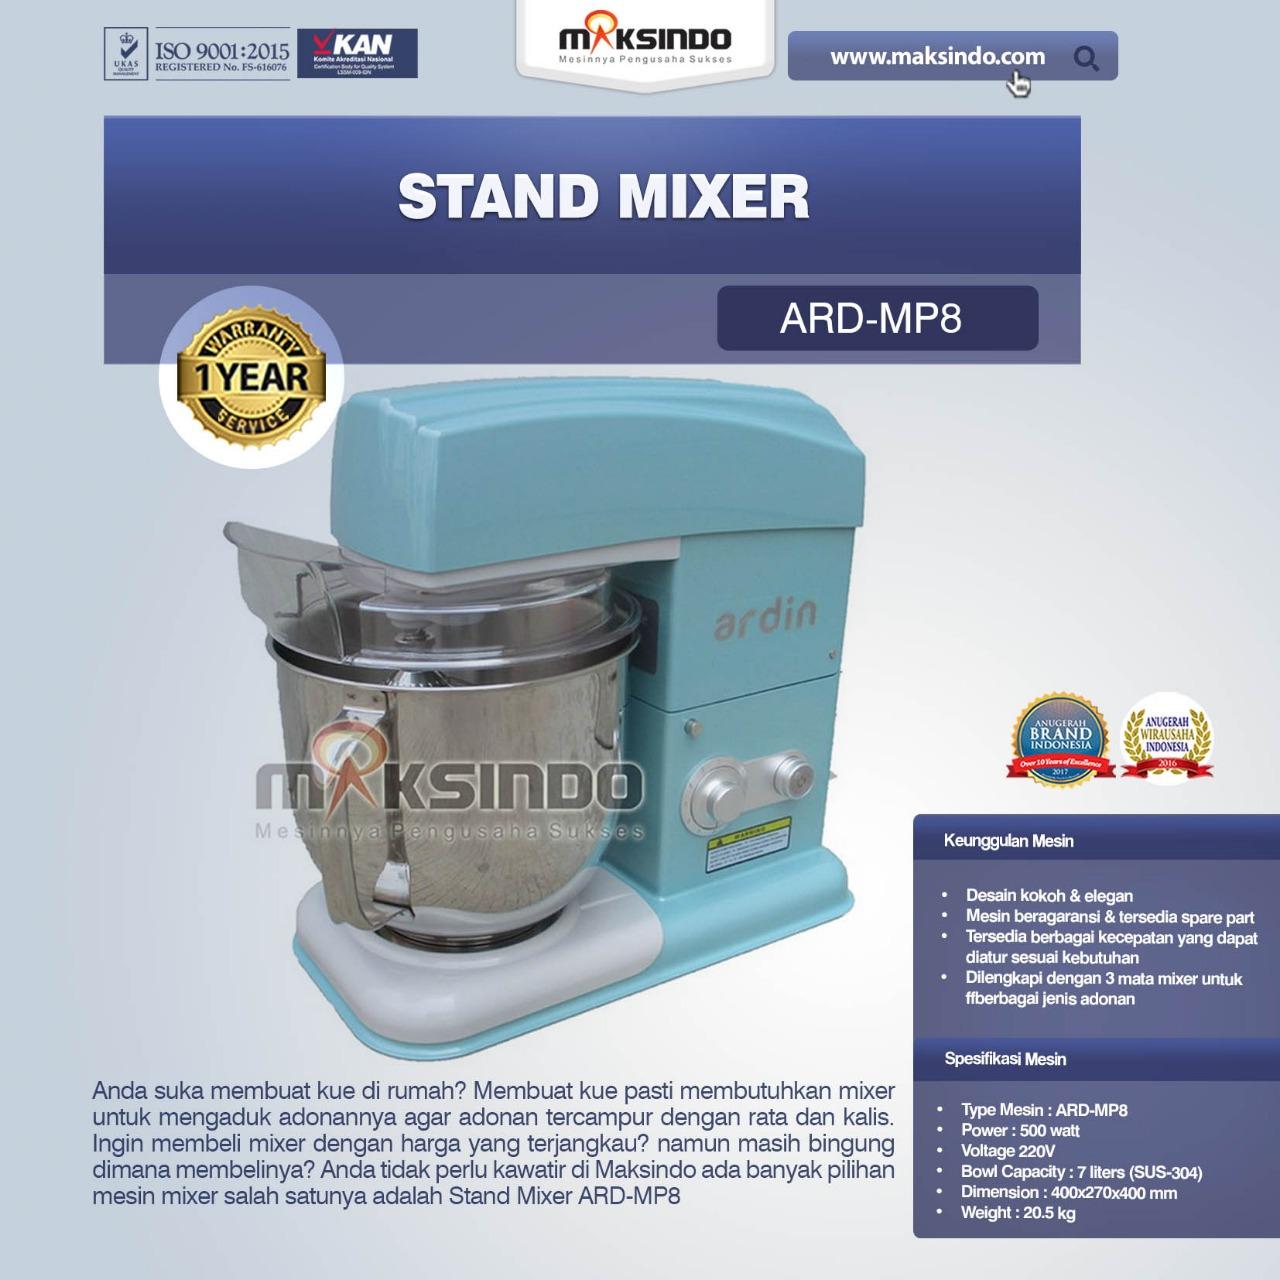 Jual Stand Mixer ARD-MR8 di Jakarta